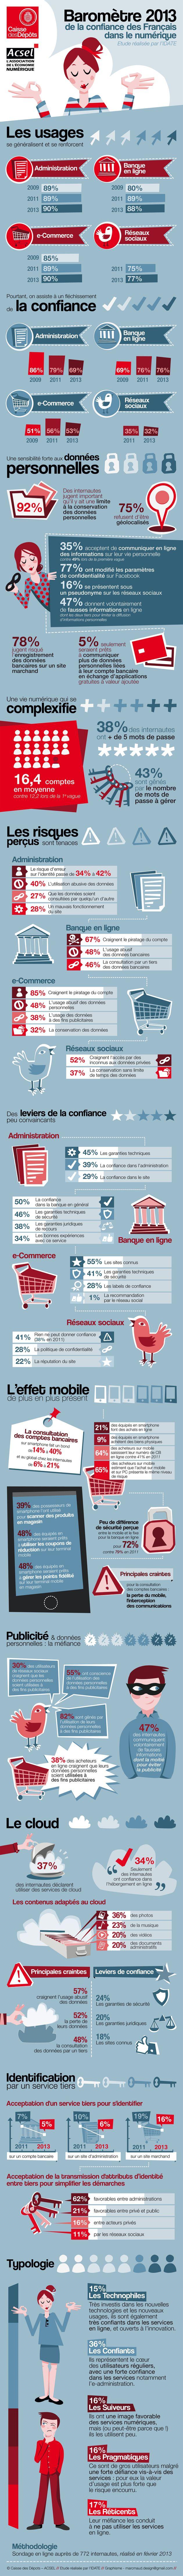 Erosion de la confiance des Français dans les services en ligne